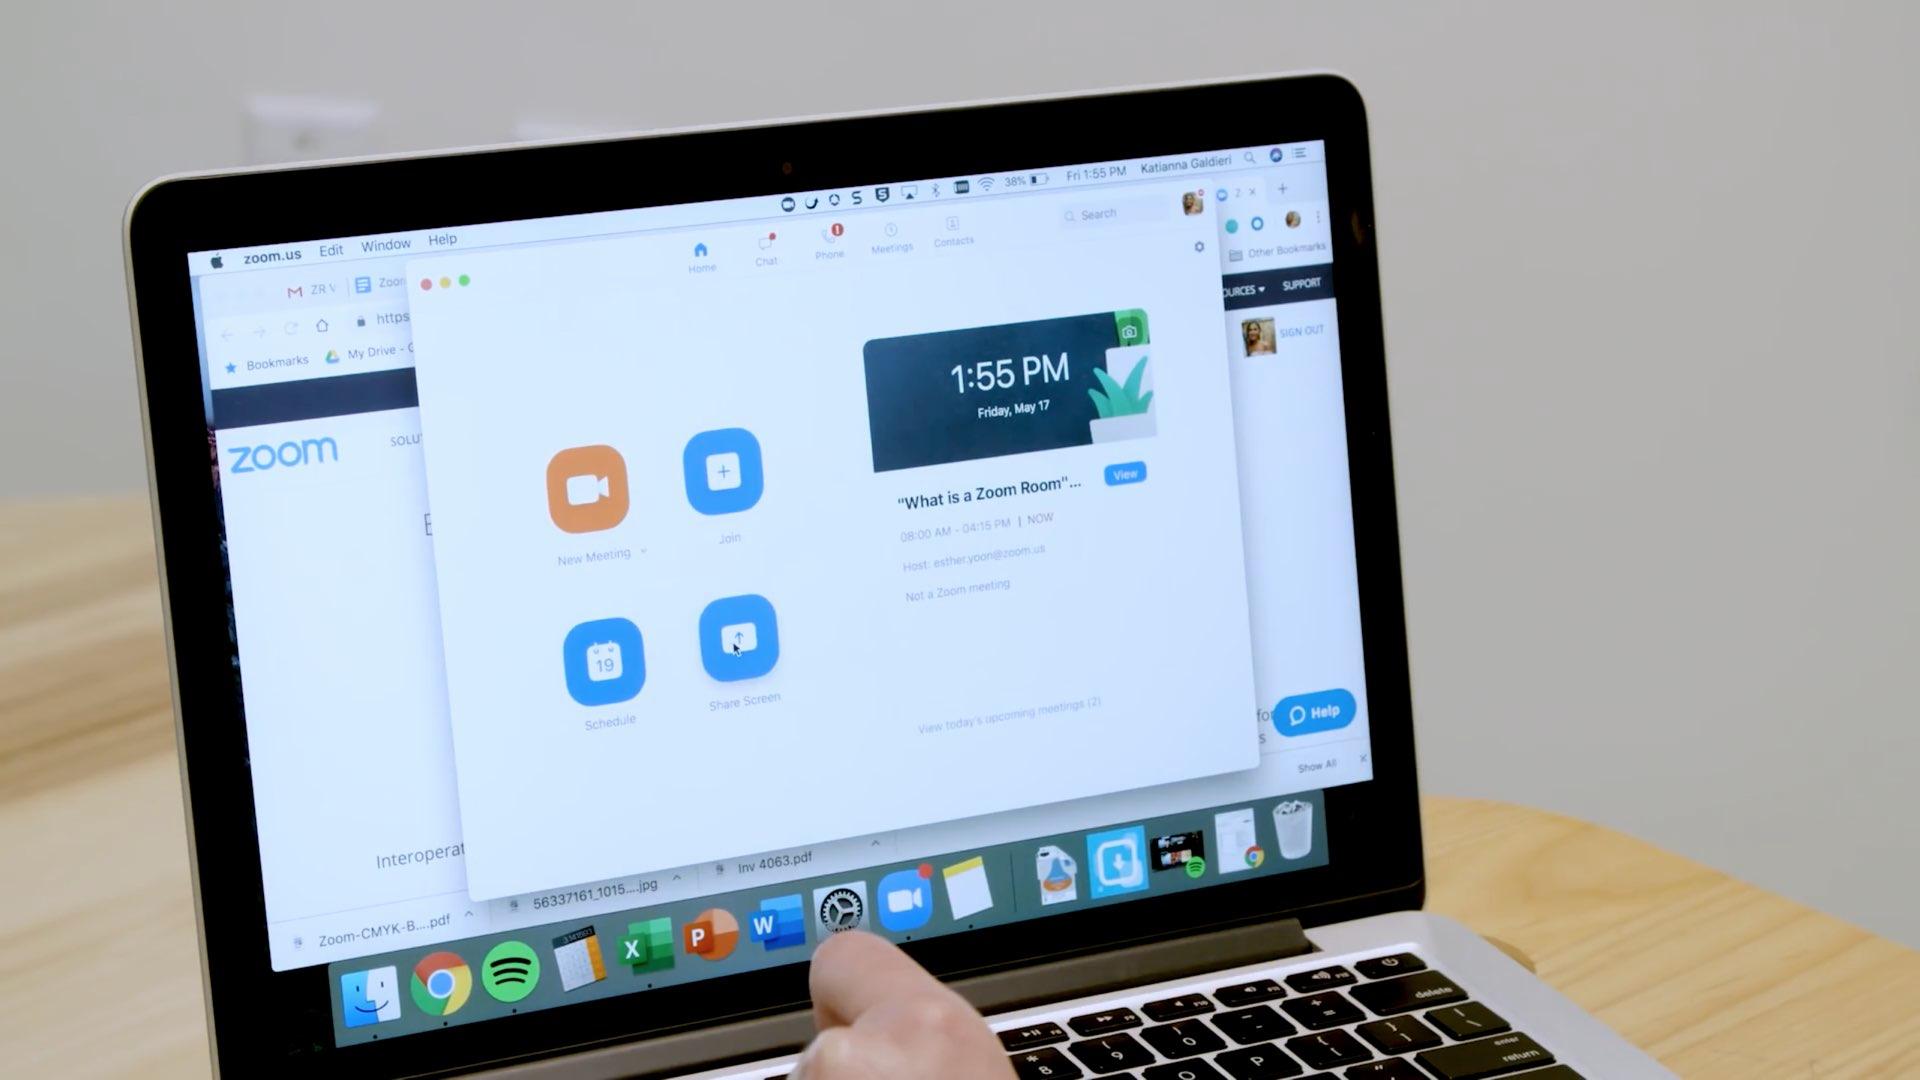 Uudet Zoom-virheet voivat antaa juurihyökkääjille pääsyn Mac-tietokoneeseen, ottaa verkkokameran ja mikrofonin haltuunsa 1